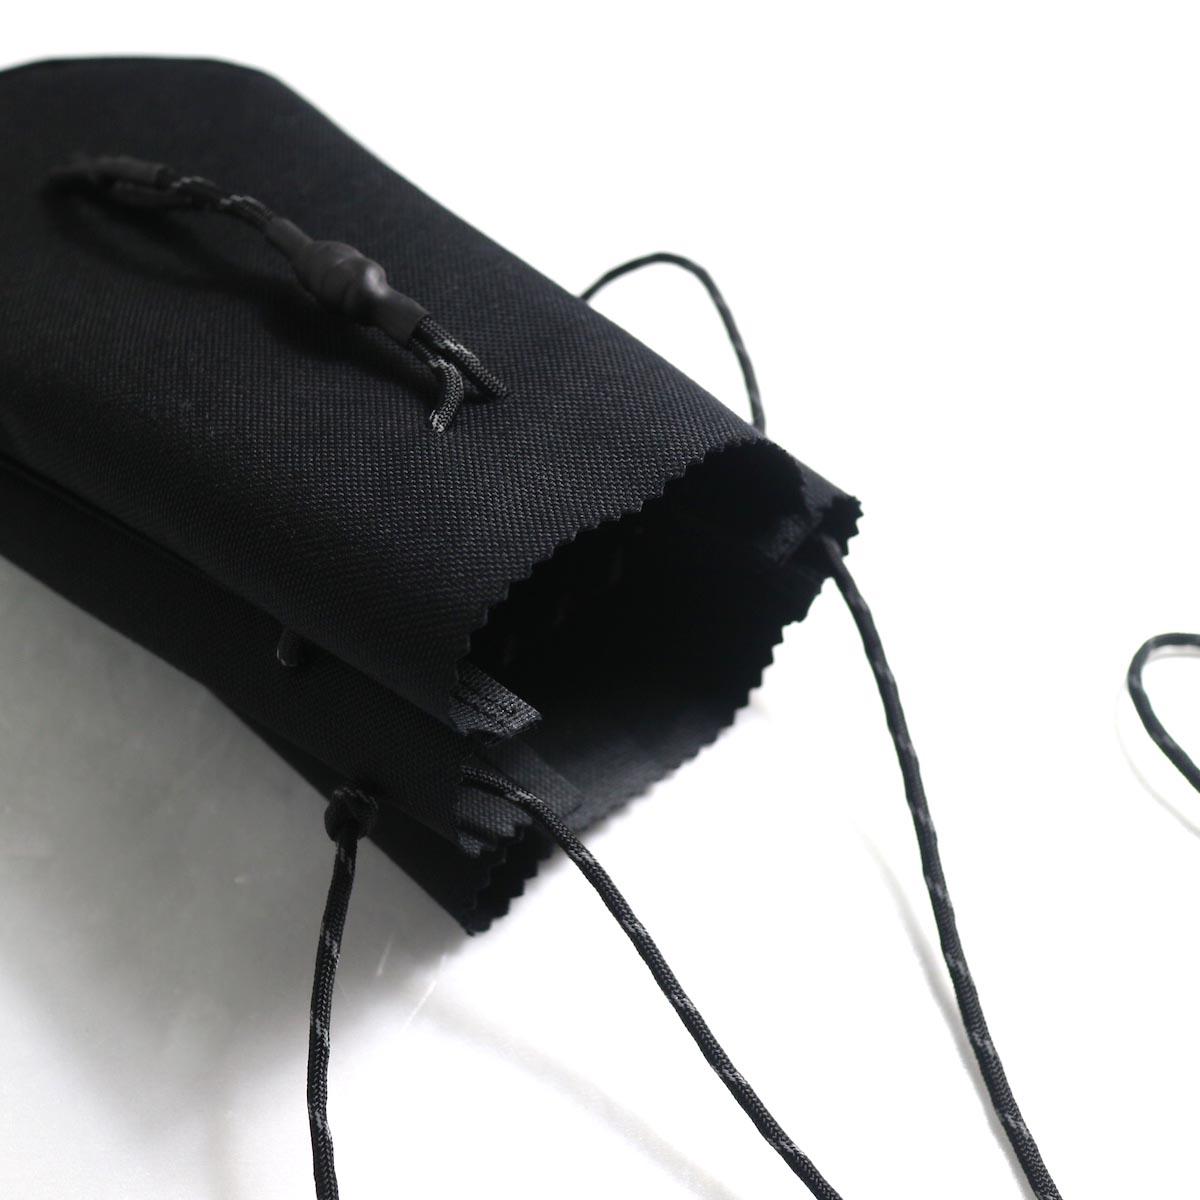 吉岡衣料店 / drawstring bag -S-. (Black)開口部